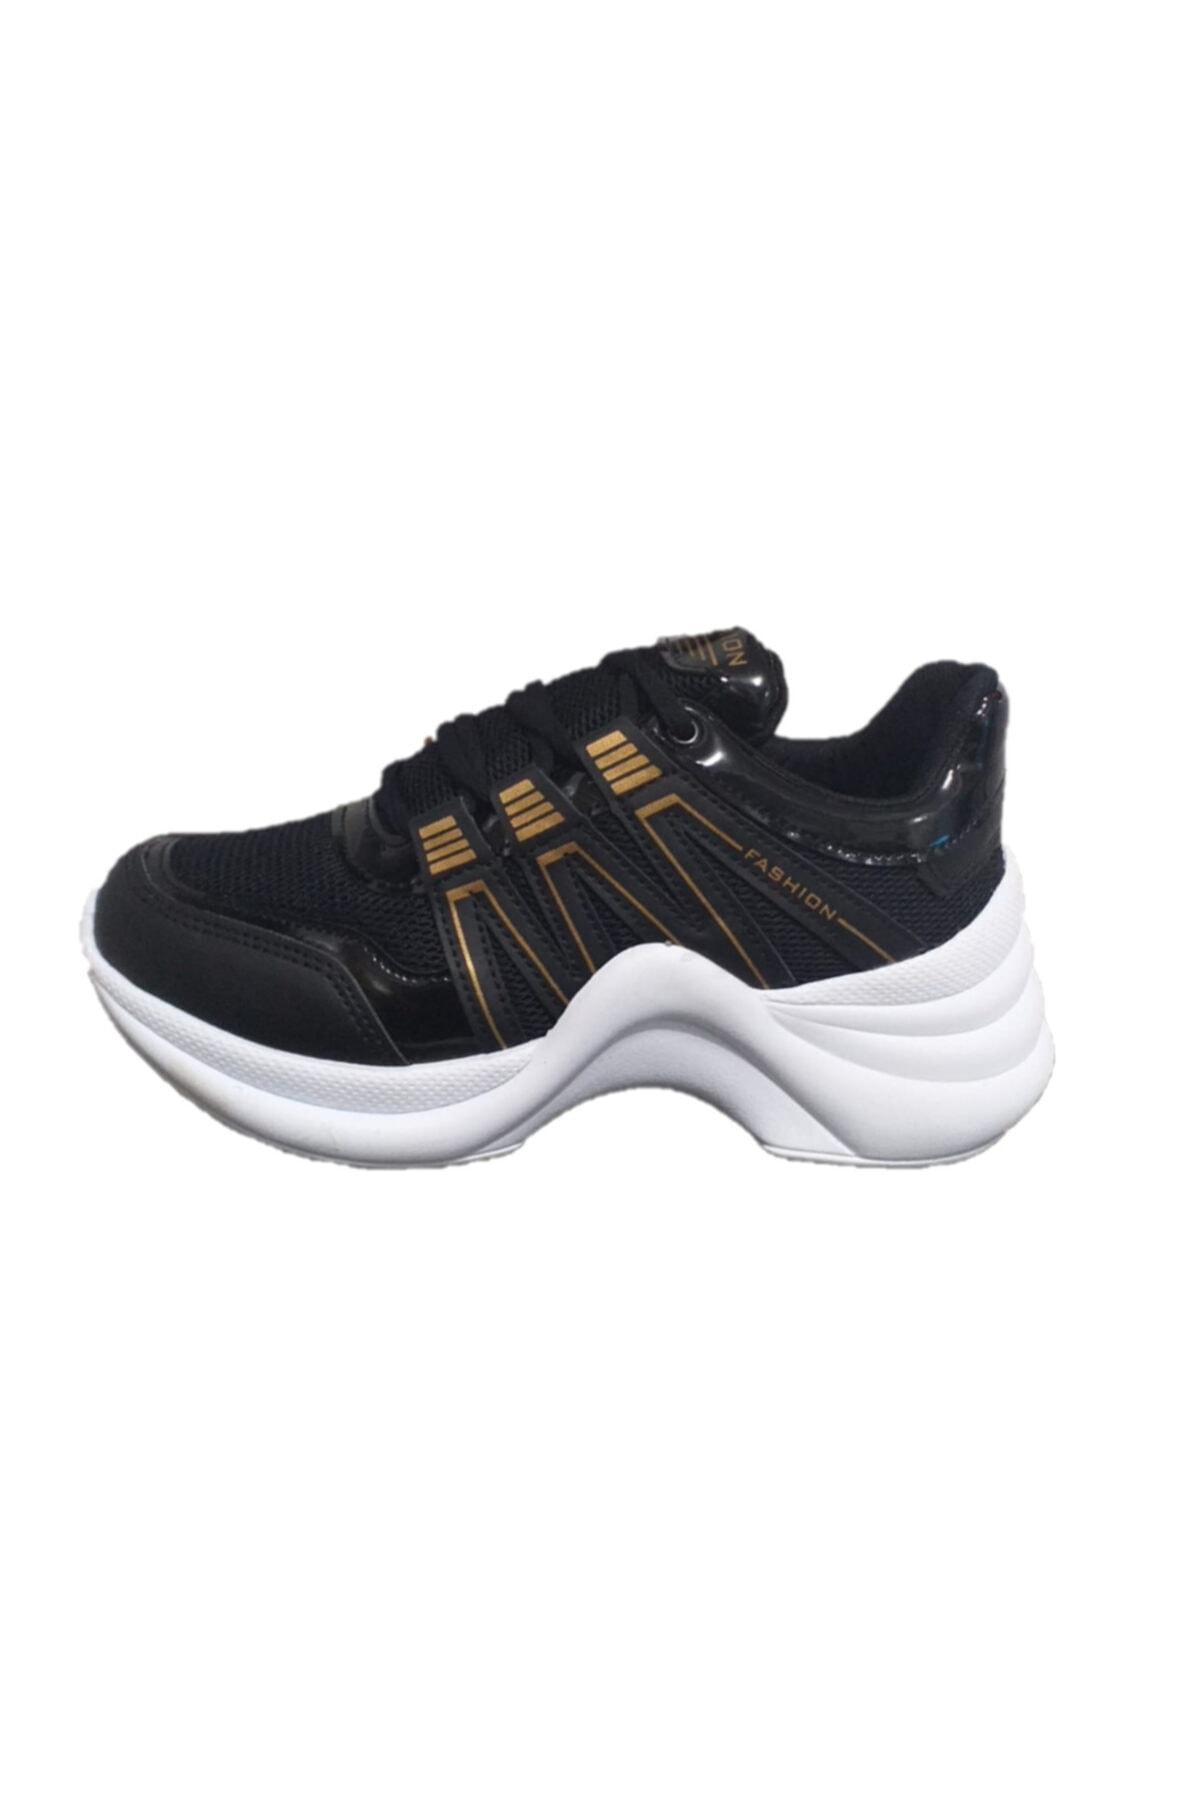 Twingo 602 Siyah Sarı Kadın Spor Ayakkabı 1